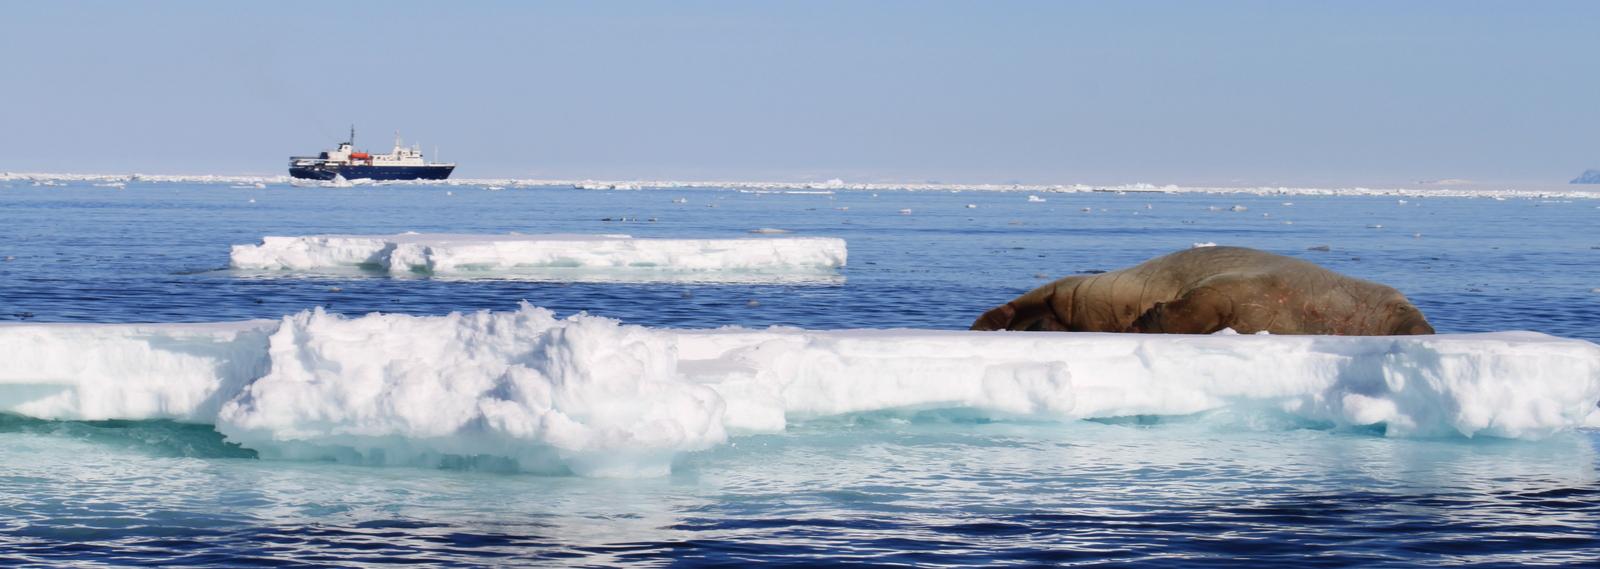 Zodiac Tour, Walrus